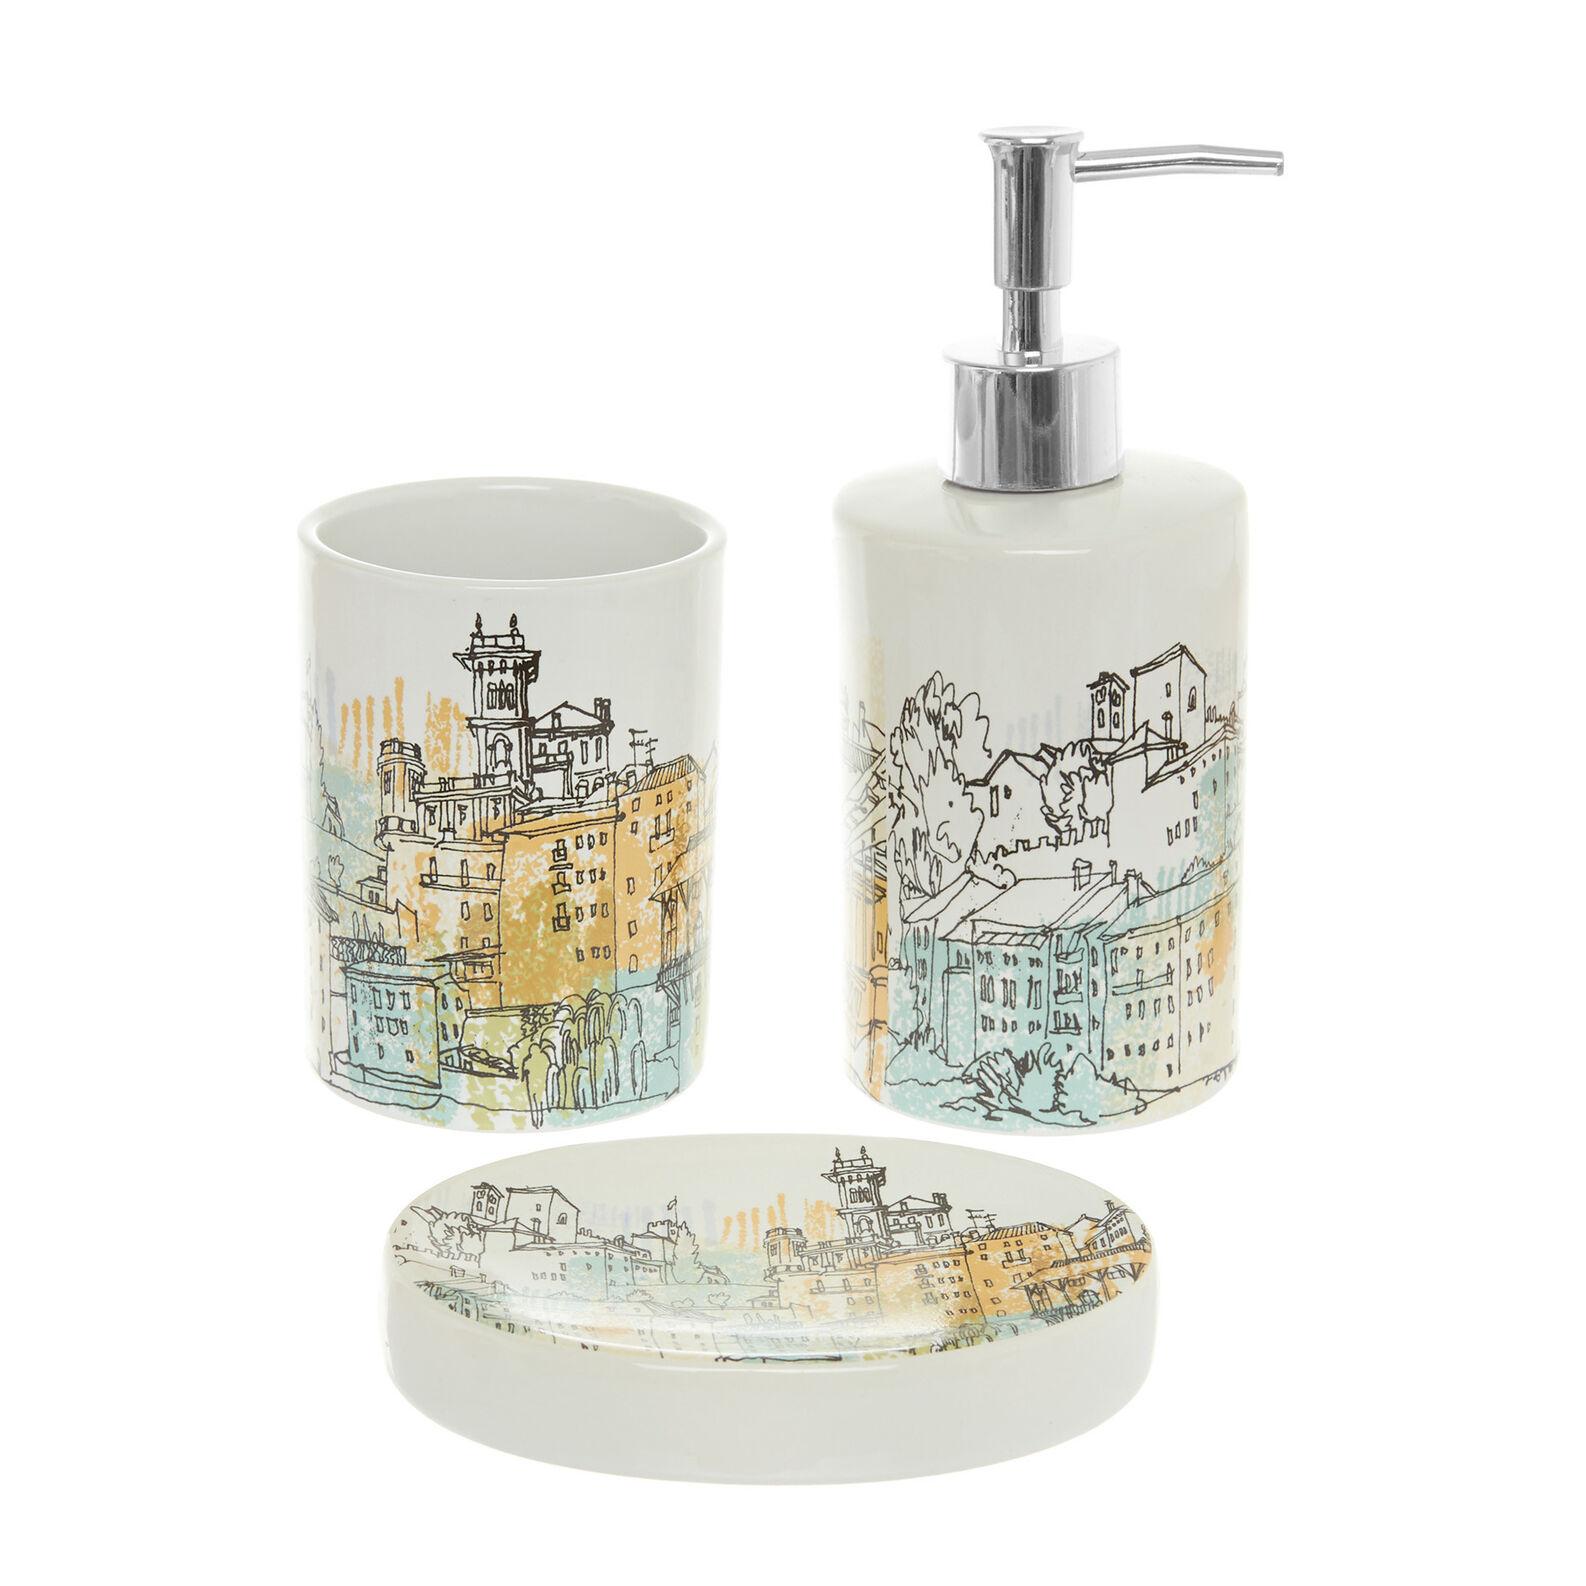 Set of 3 ceramic bathroom accessories with Paris motif